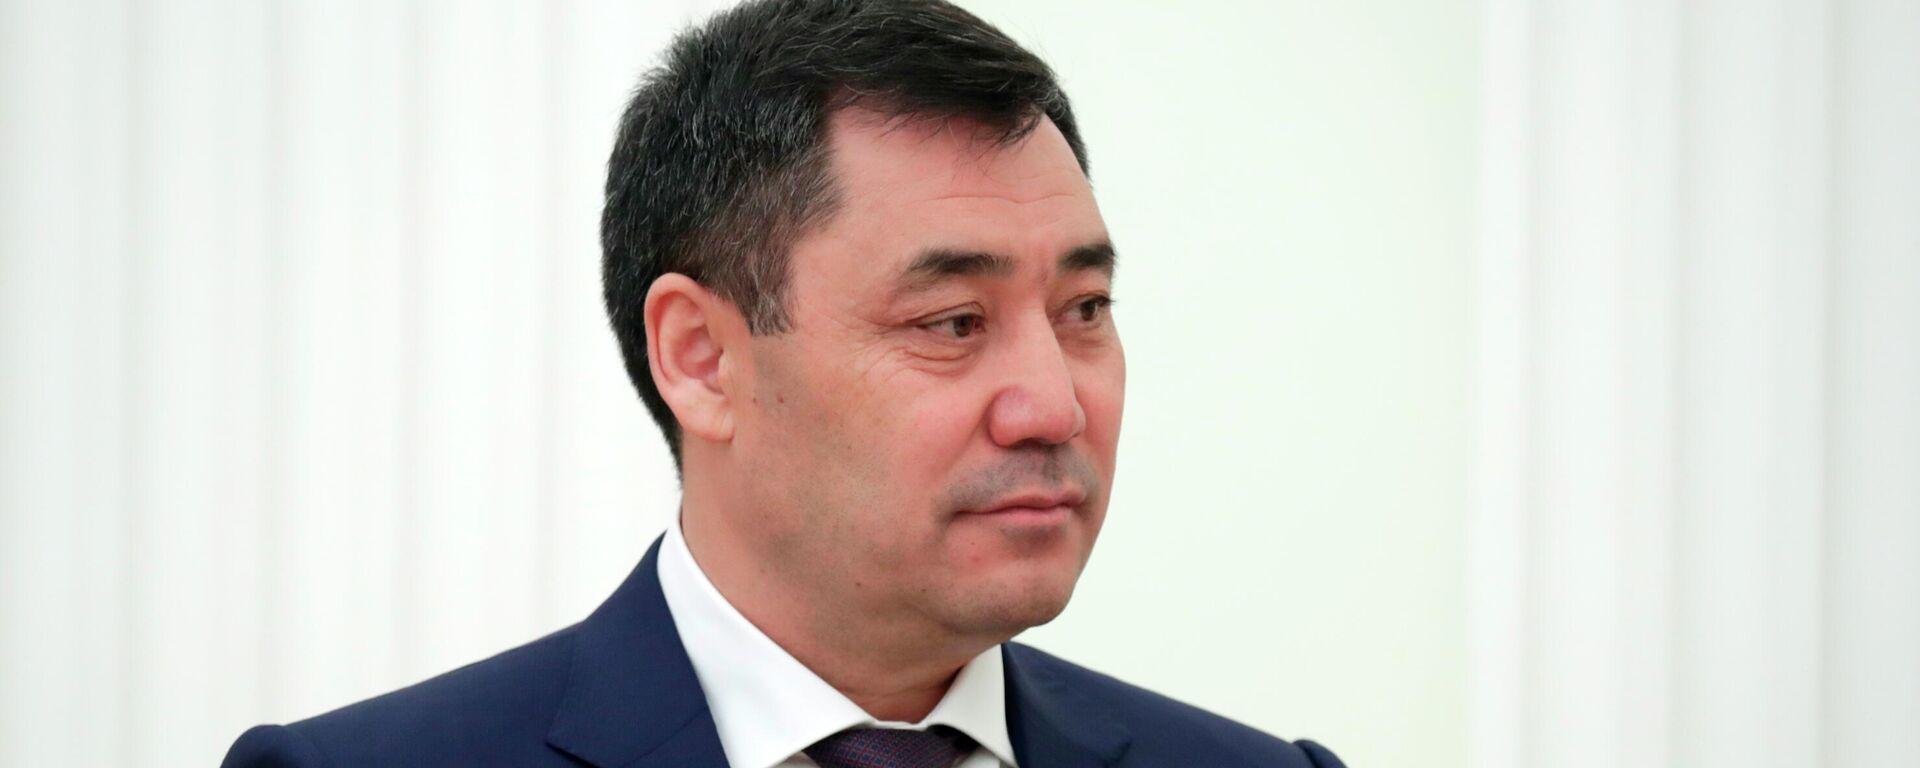 Президент Кыргызстана Садир Жапаров - Sputnik Тоҷикистон, 1920, 23.07.2021